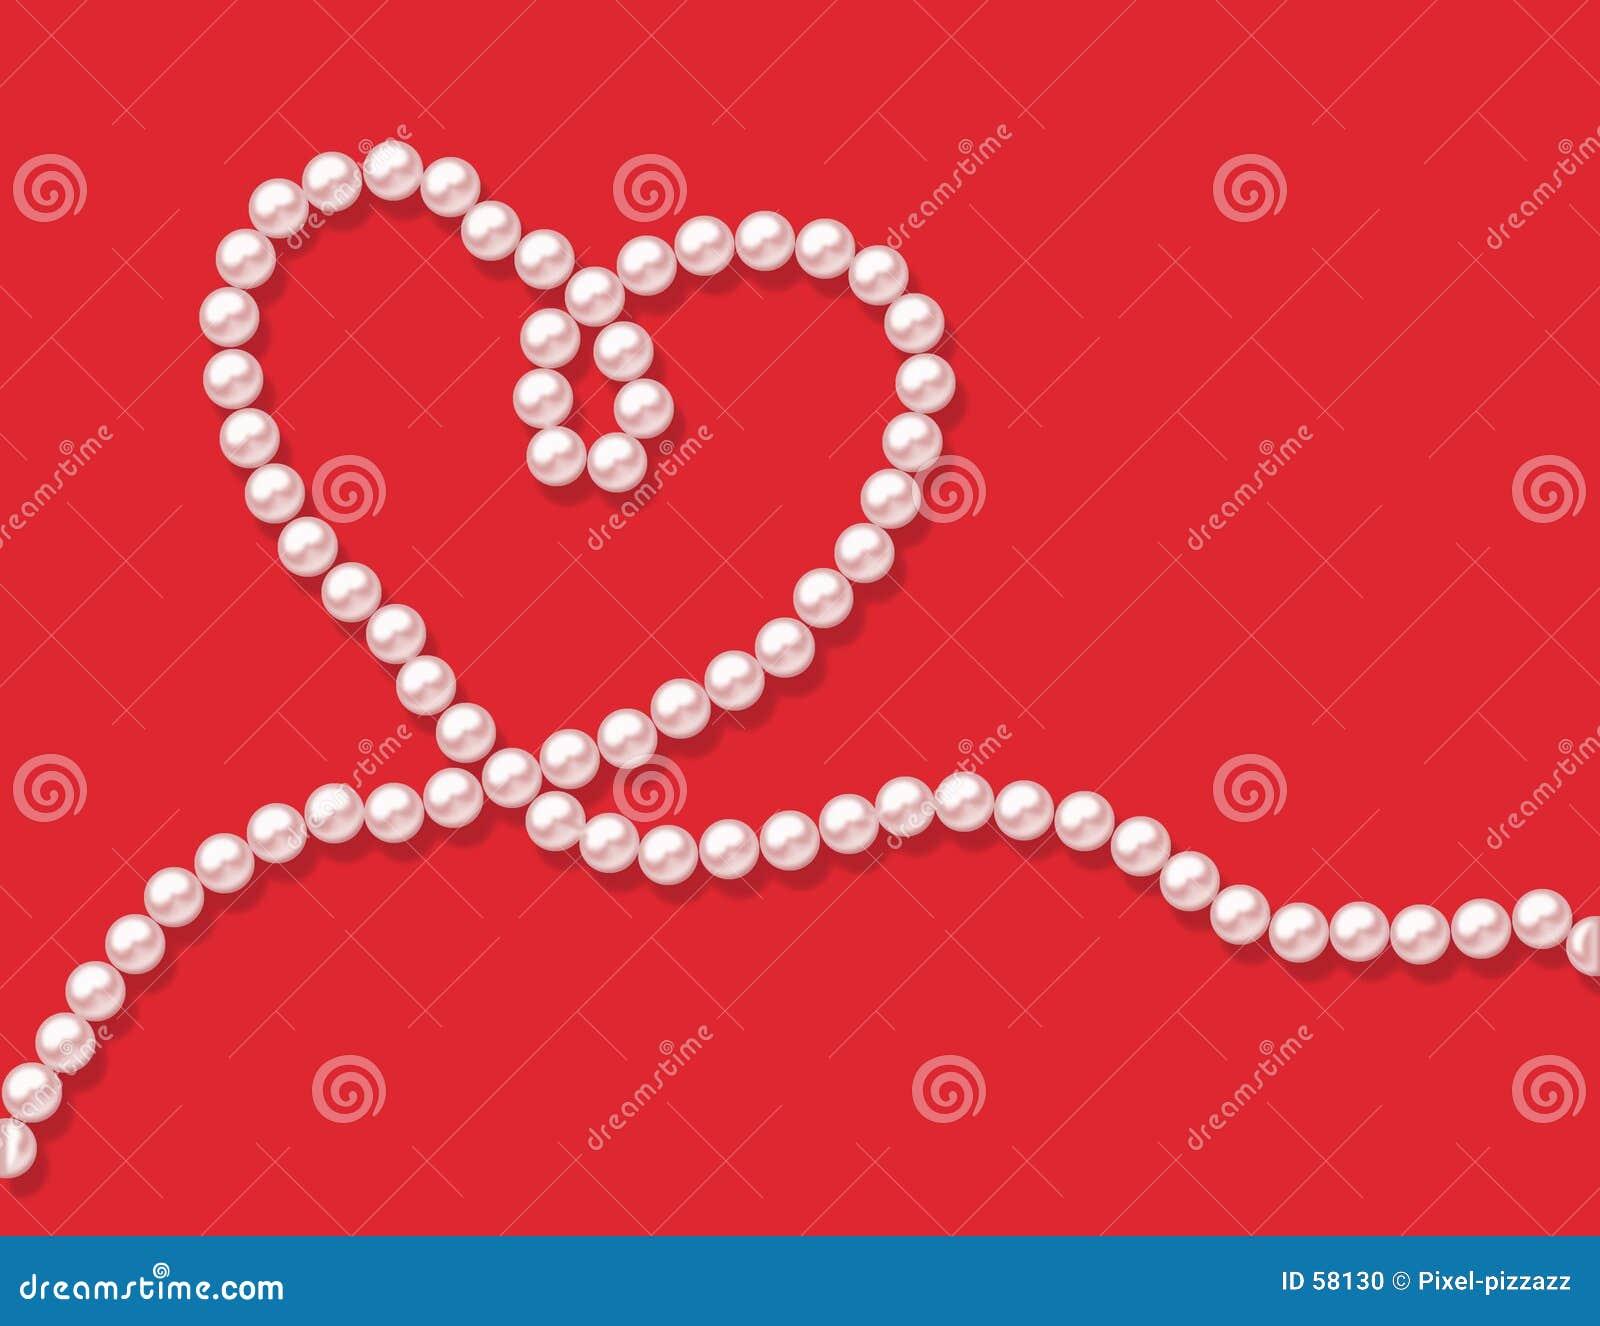 Download Perles photo stock. Image du carte, corde, cultivé, proposez - 58130